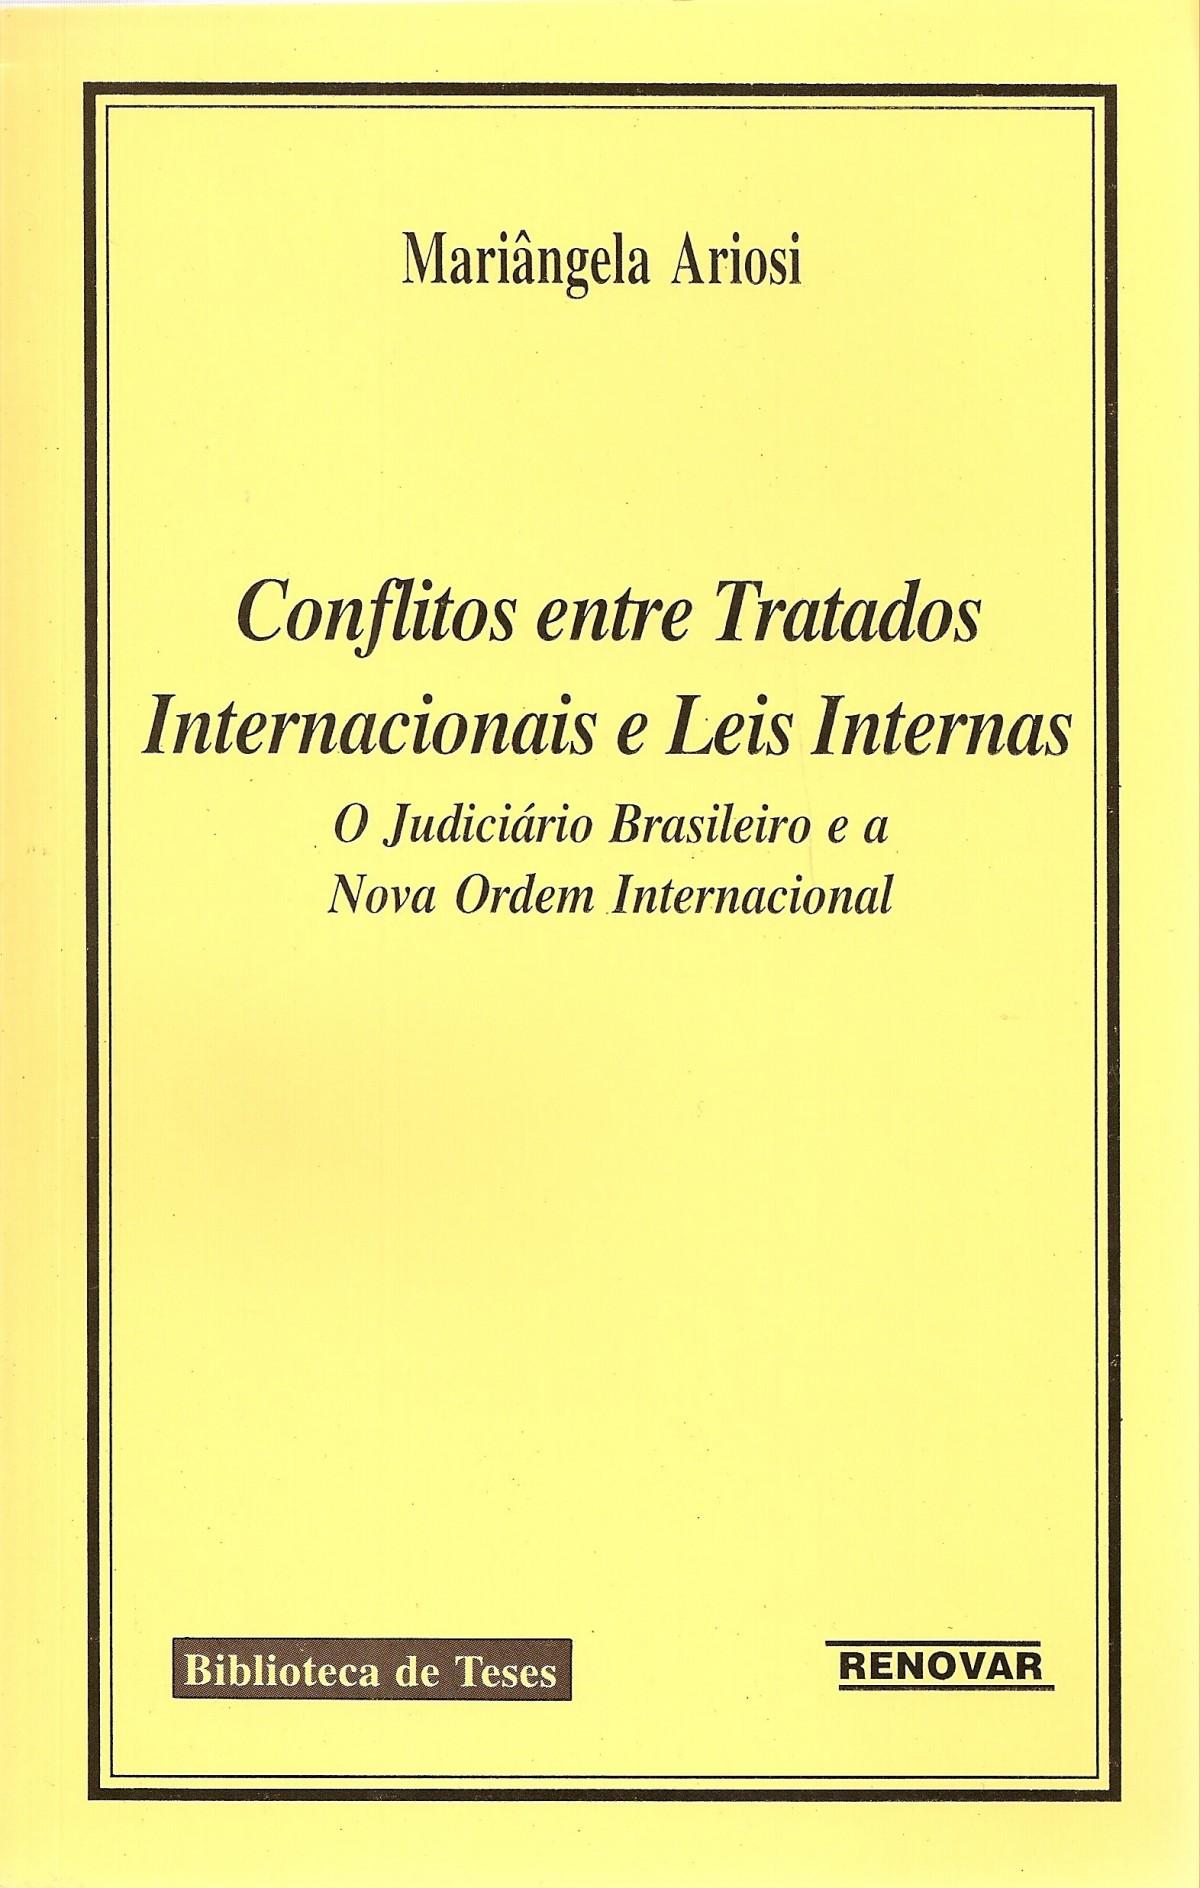 Foto 1 - Conflitos entre Tratados Internacionais e Leis Internas